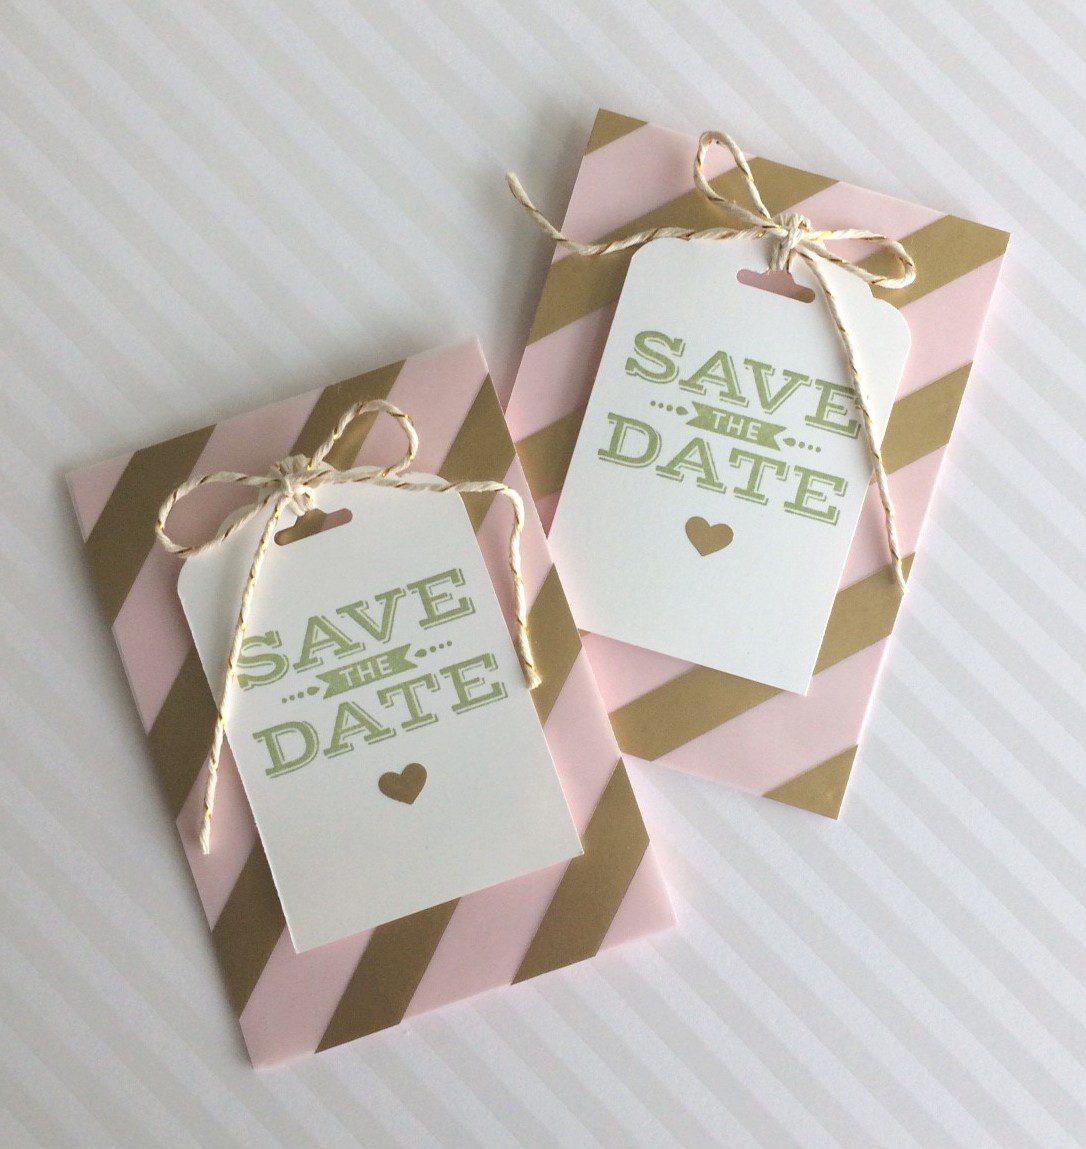 Save The Date Karten Selber Basteln : SavetheDateKarte – kinderleicht selbst gemacht! – weddingstyle